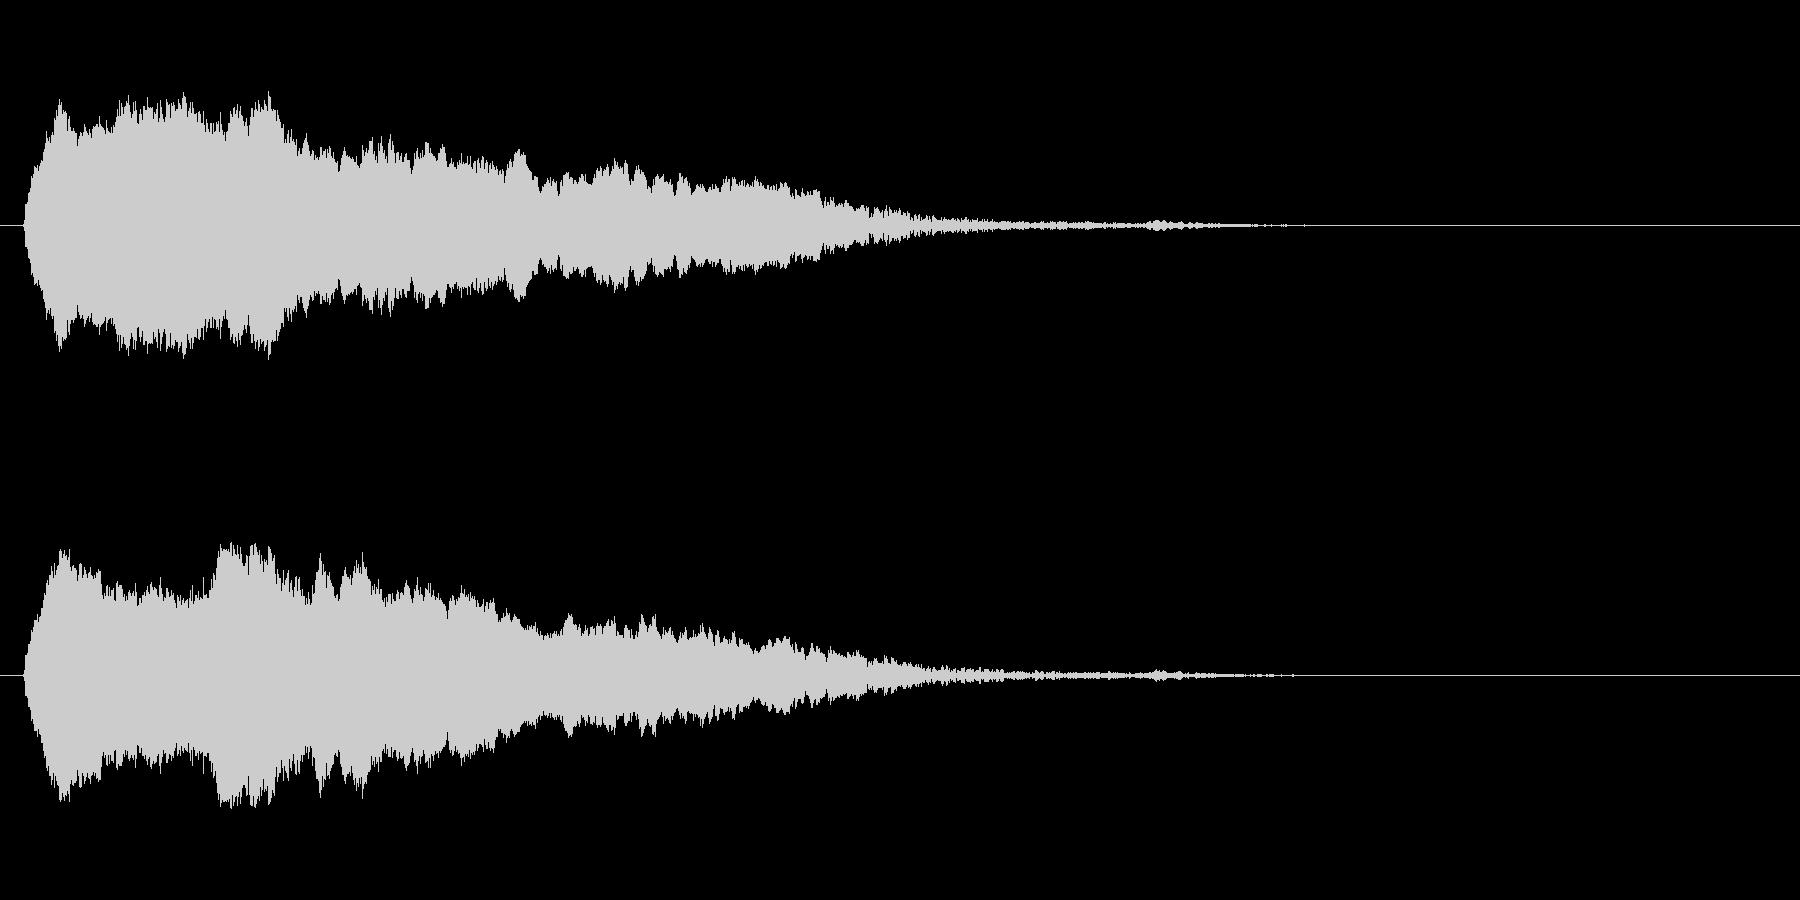 「ピ〜ッ!」警笛による鳥の鳴き声の擬音の未再生の波形